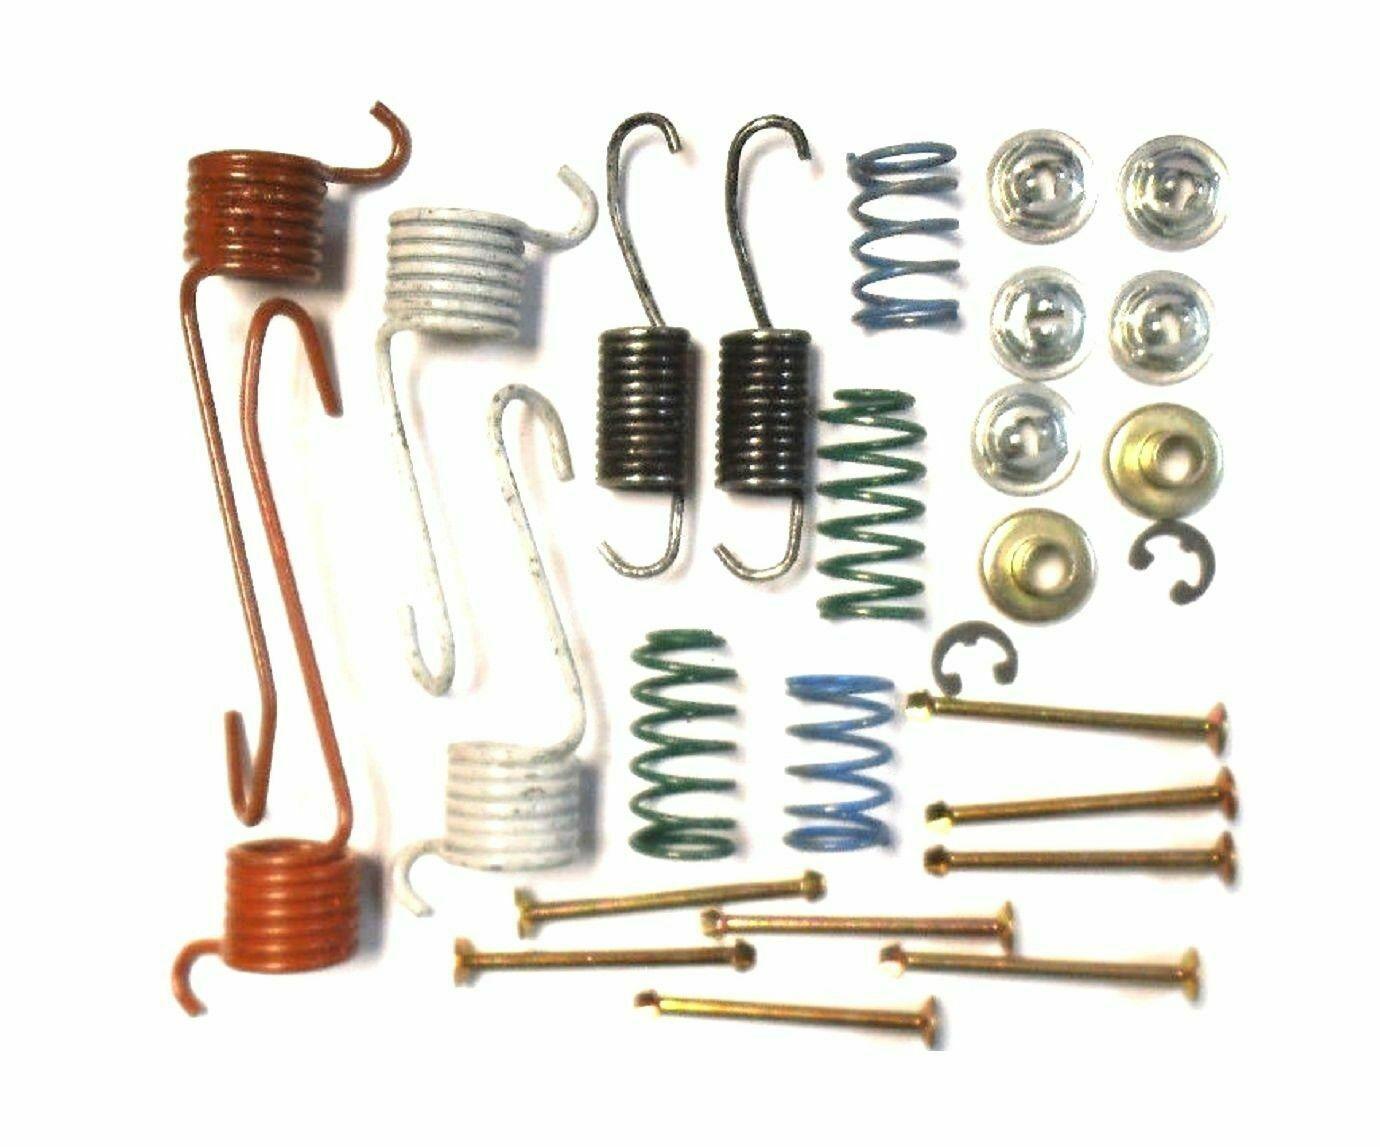 bbp better brake parts h7028 drum brake hardware replacement kit drums hardware. Black Bedroom Furniture Sets. Home Design Ideas